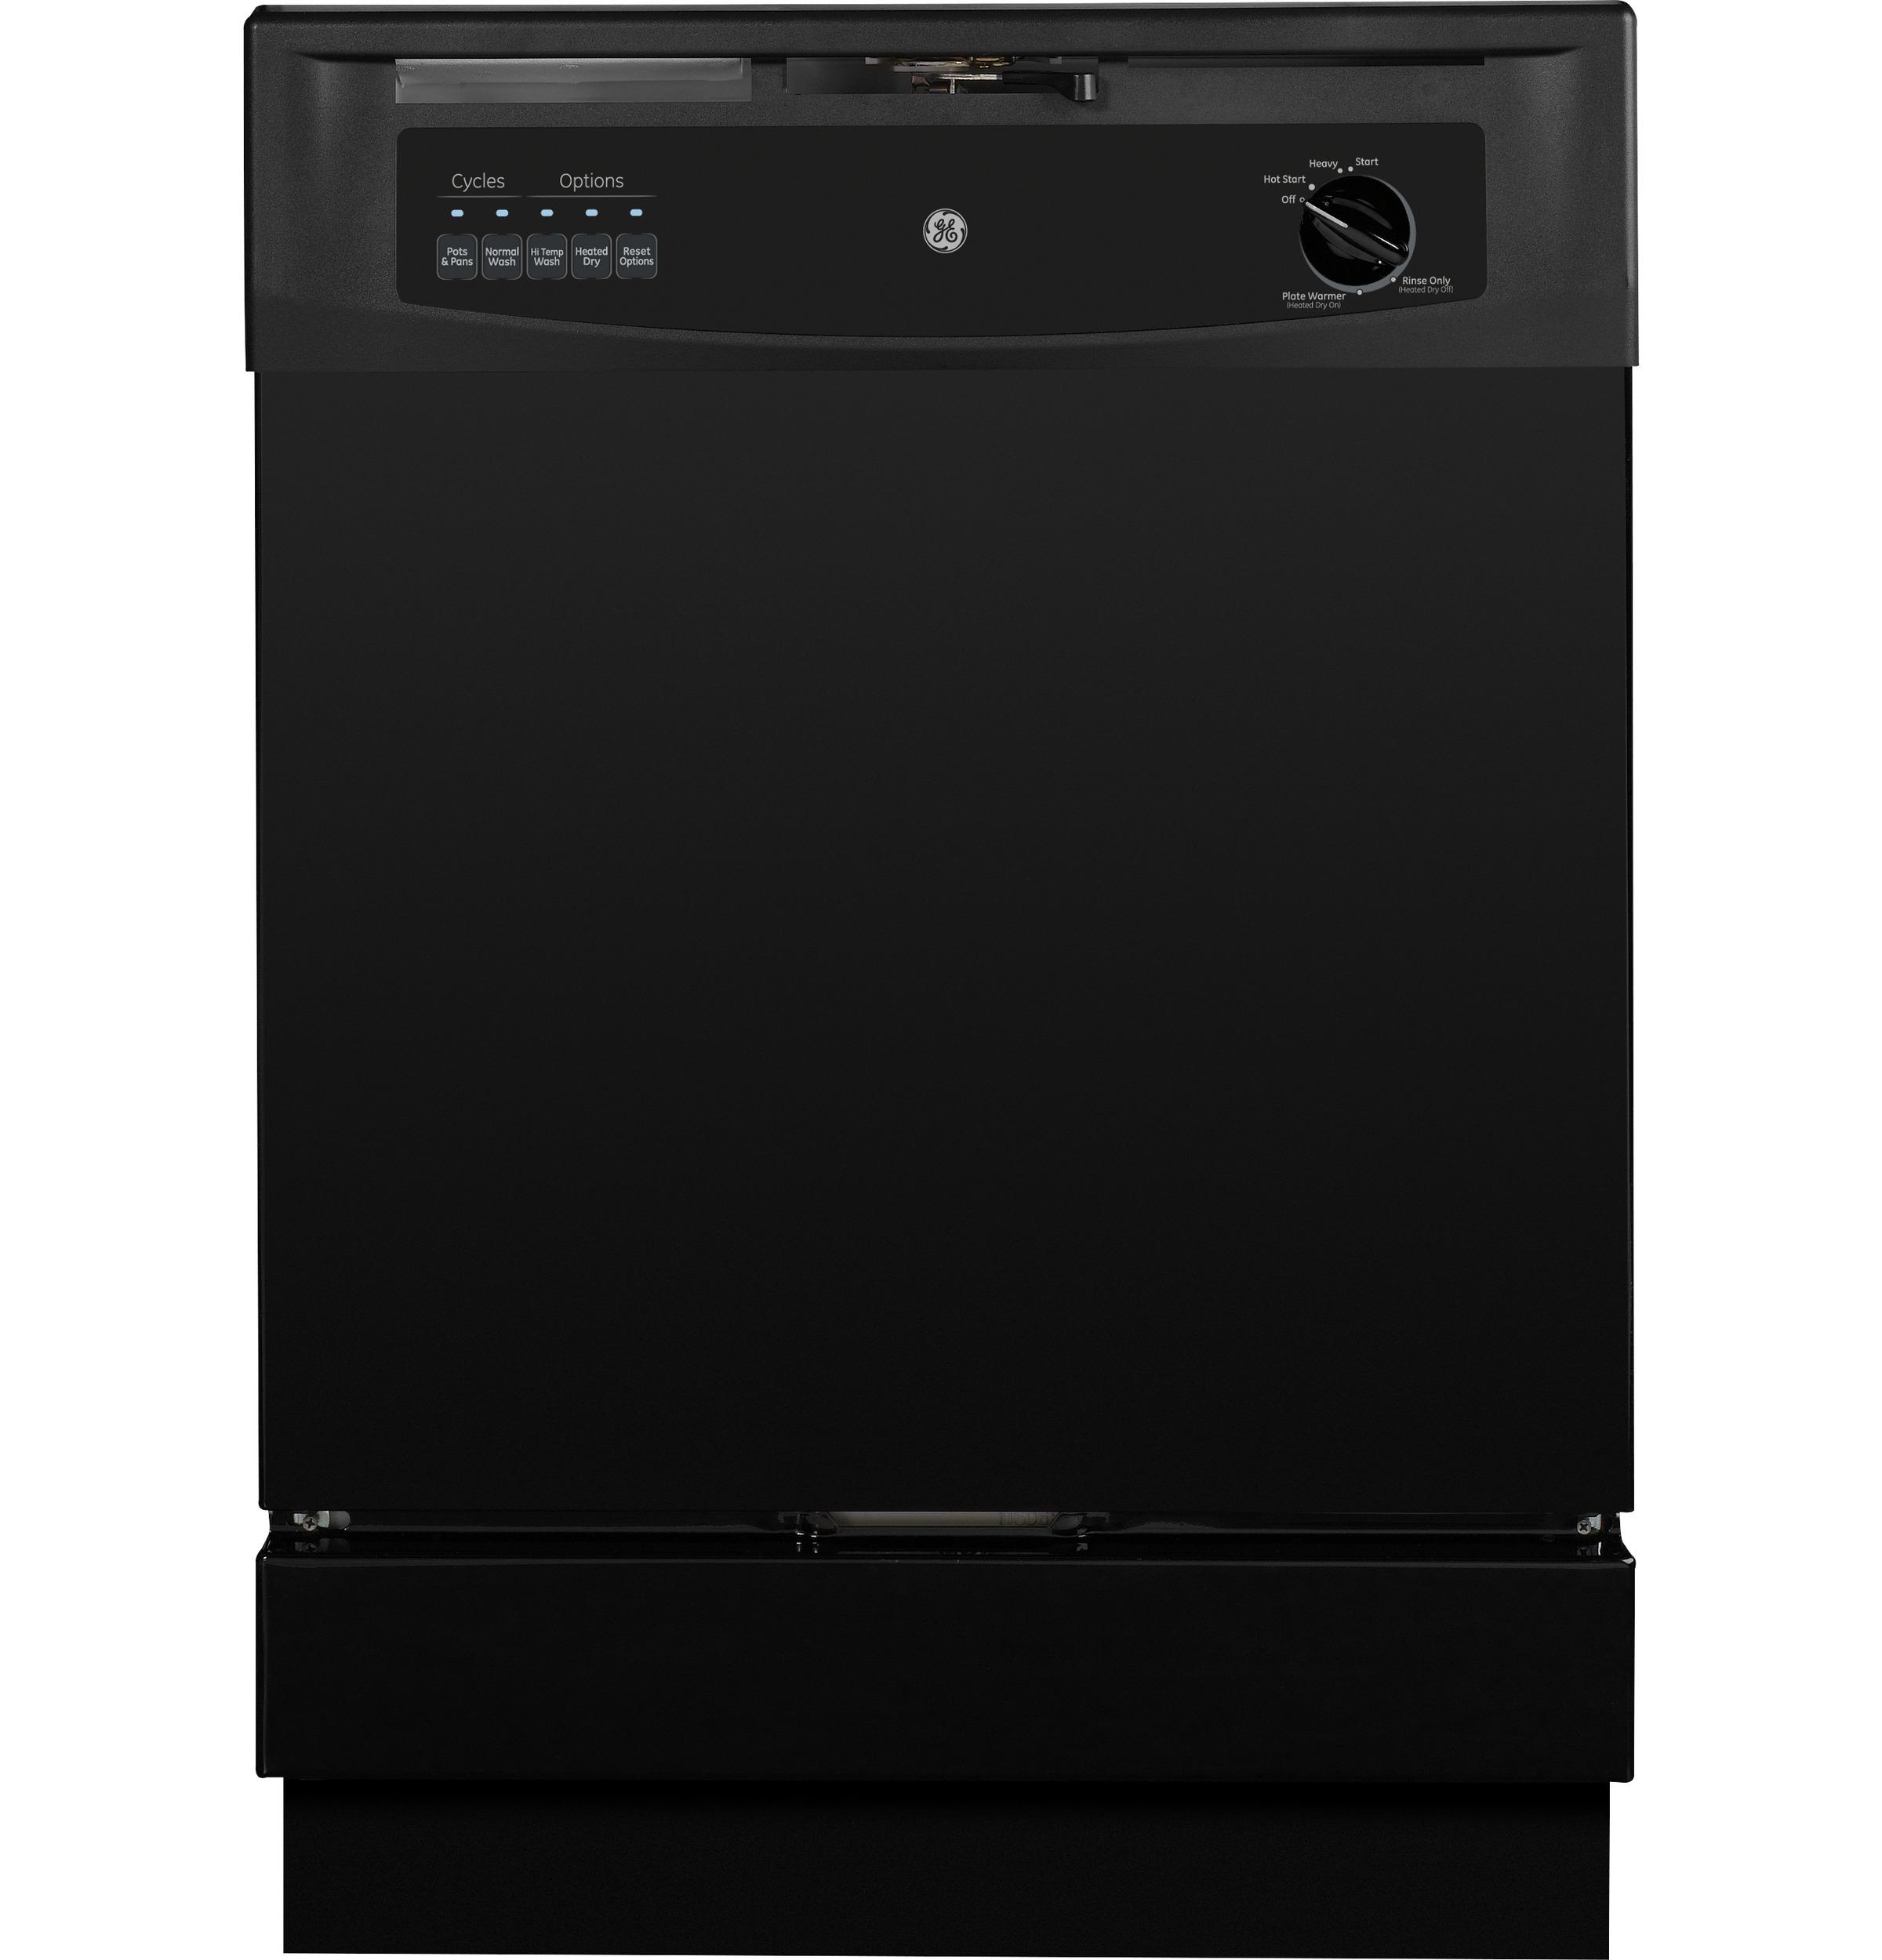 Black Dishwasher Image